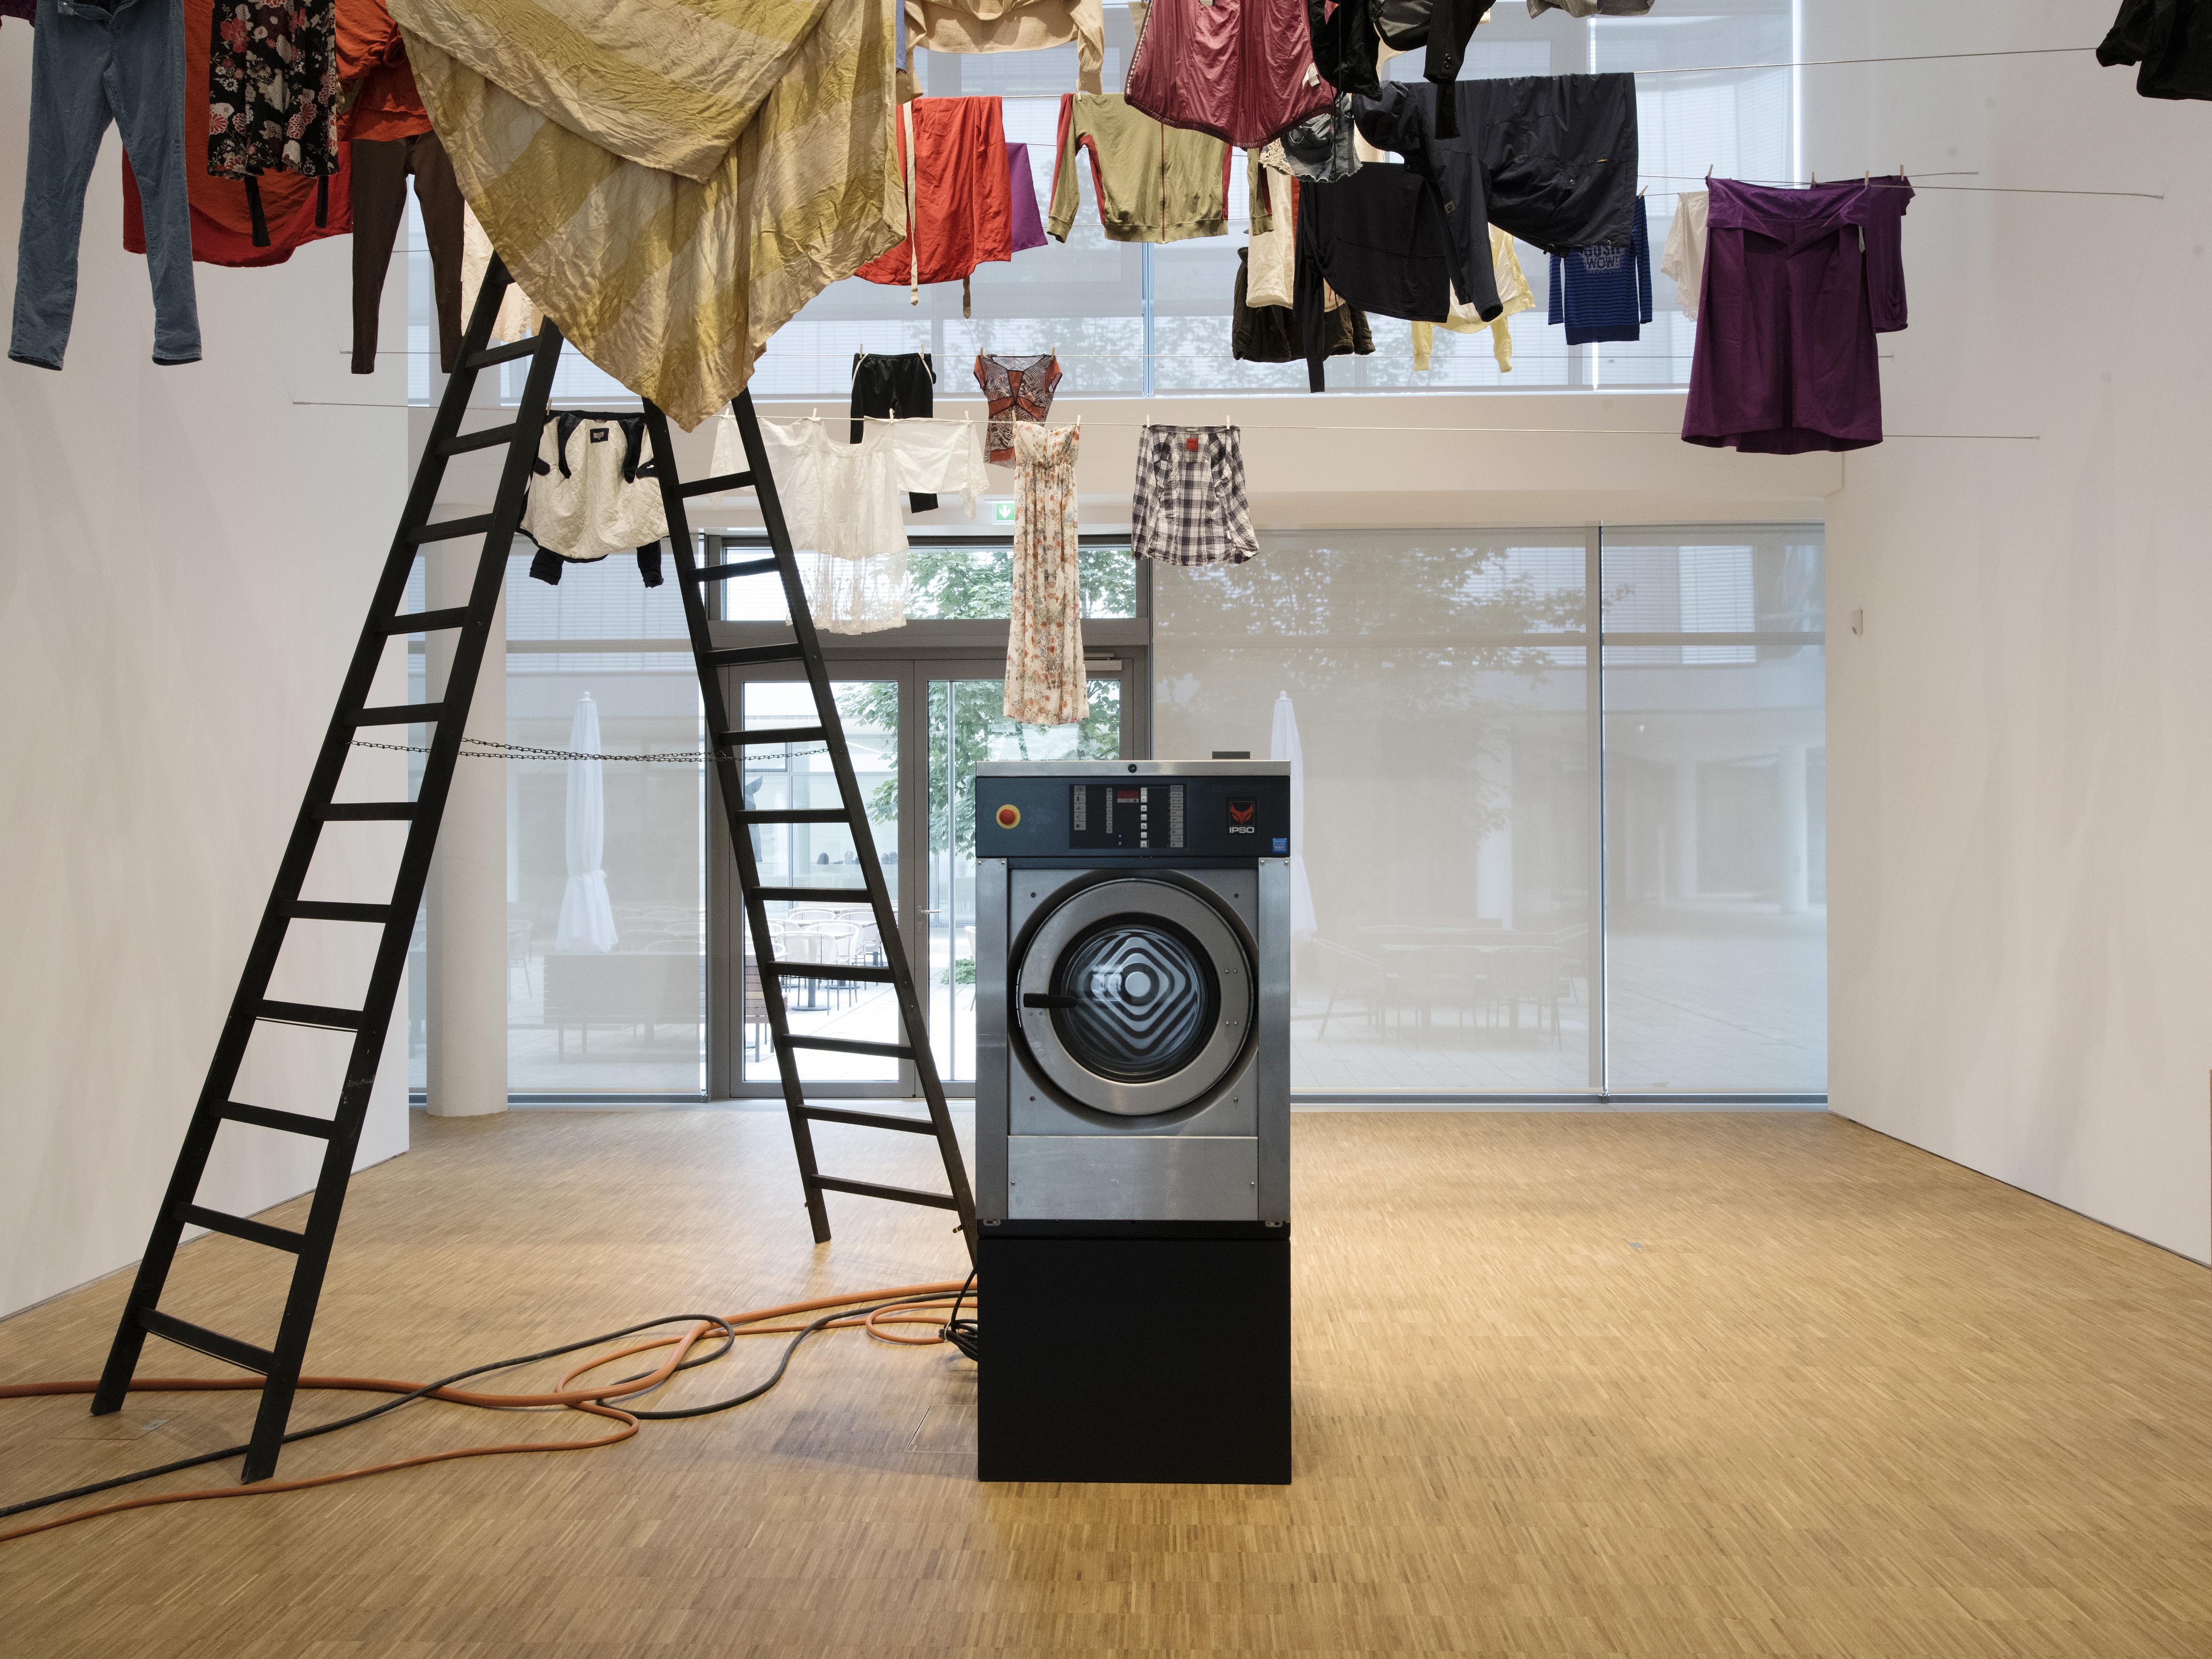 EMPFANGSHALLE Waschgang, 2017 Rauminstallation mit Industriewaschmaschine und Wäscheleine Installationsansichten, Foto: Gerald von Foris (c) VG Bild-Kunst Bonn, 2017